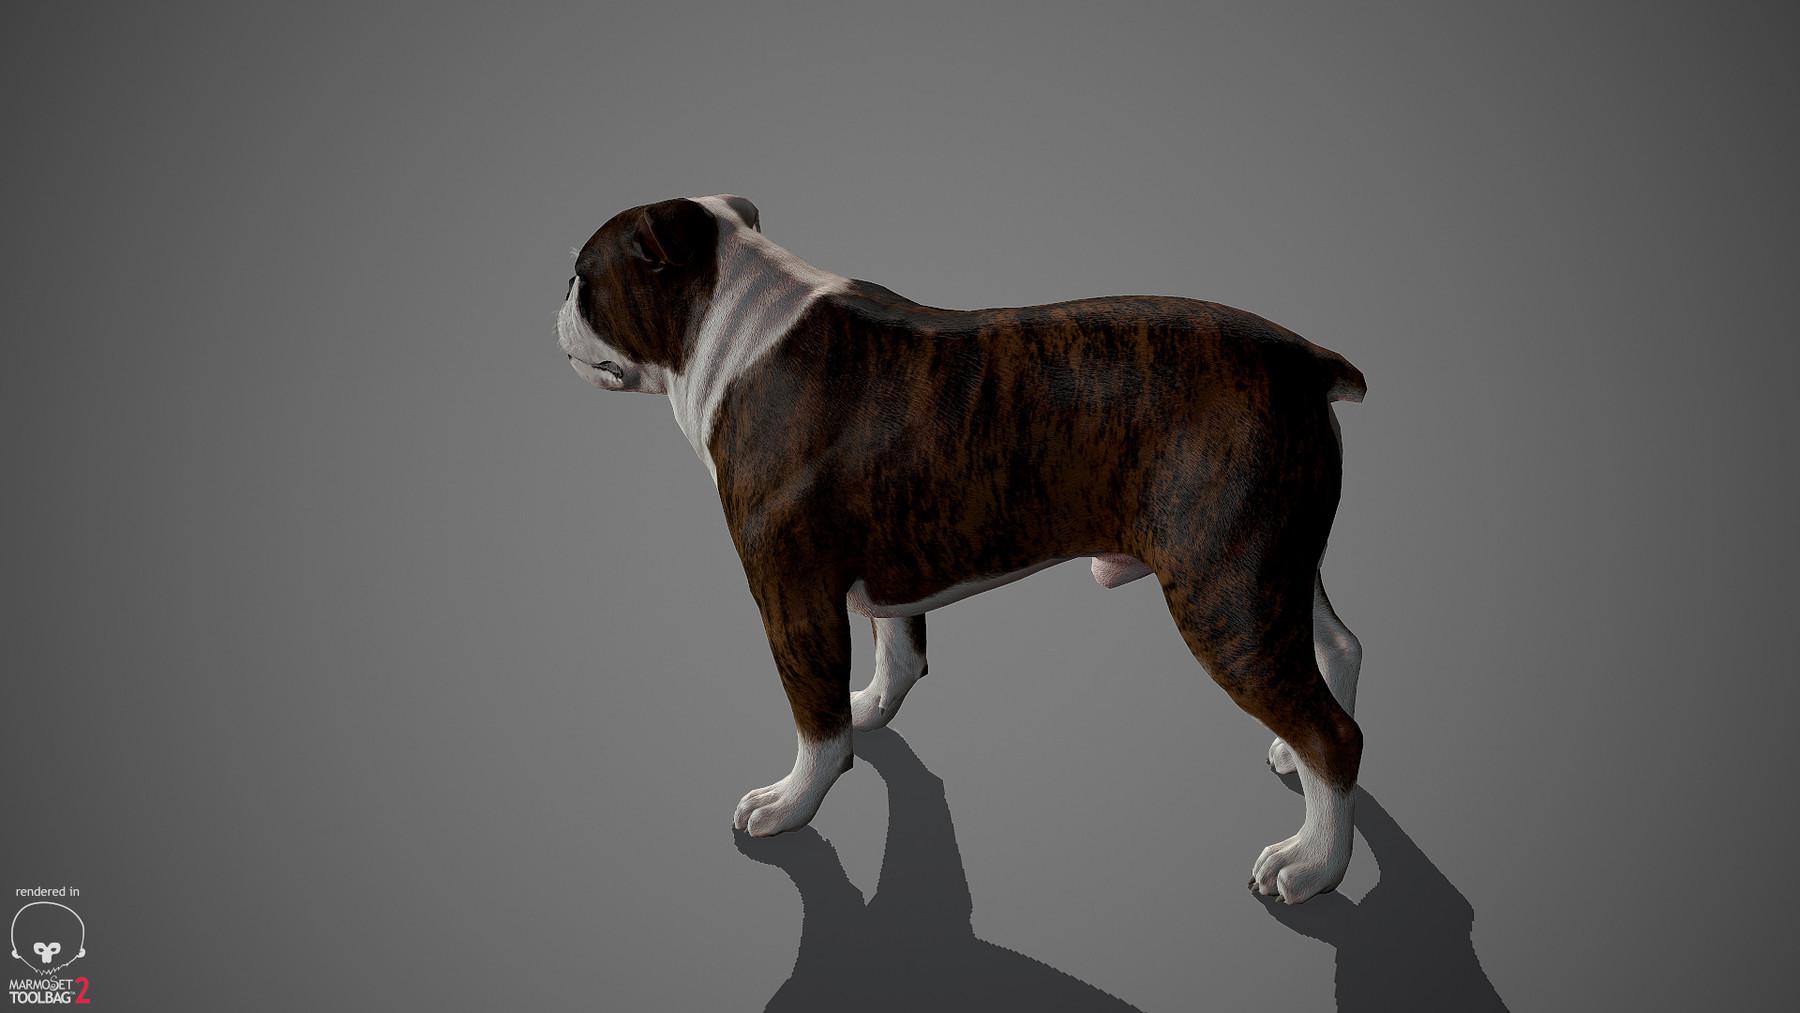 Englishbulldog by alexlashko marmoset 28